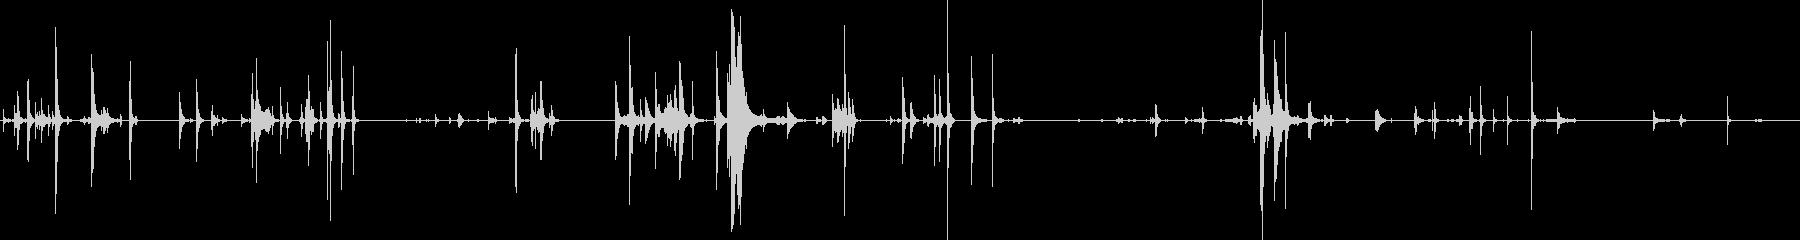 軽金属の動きの未再生の波形